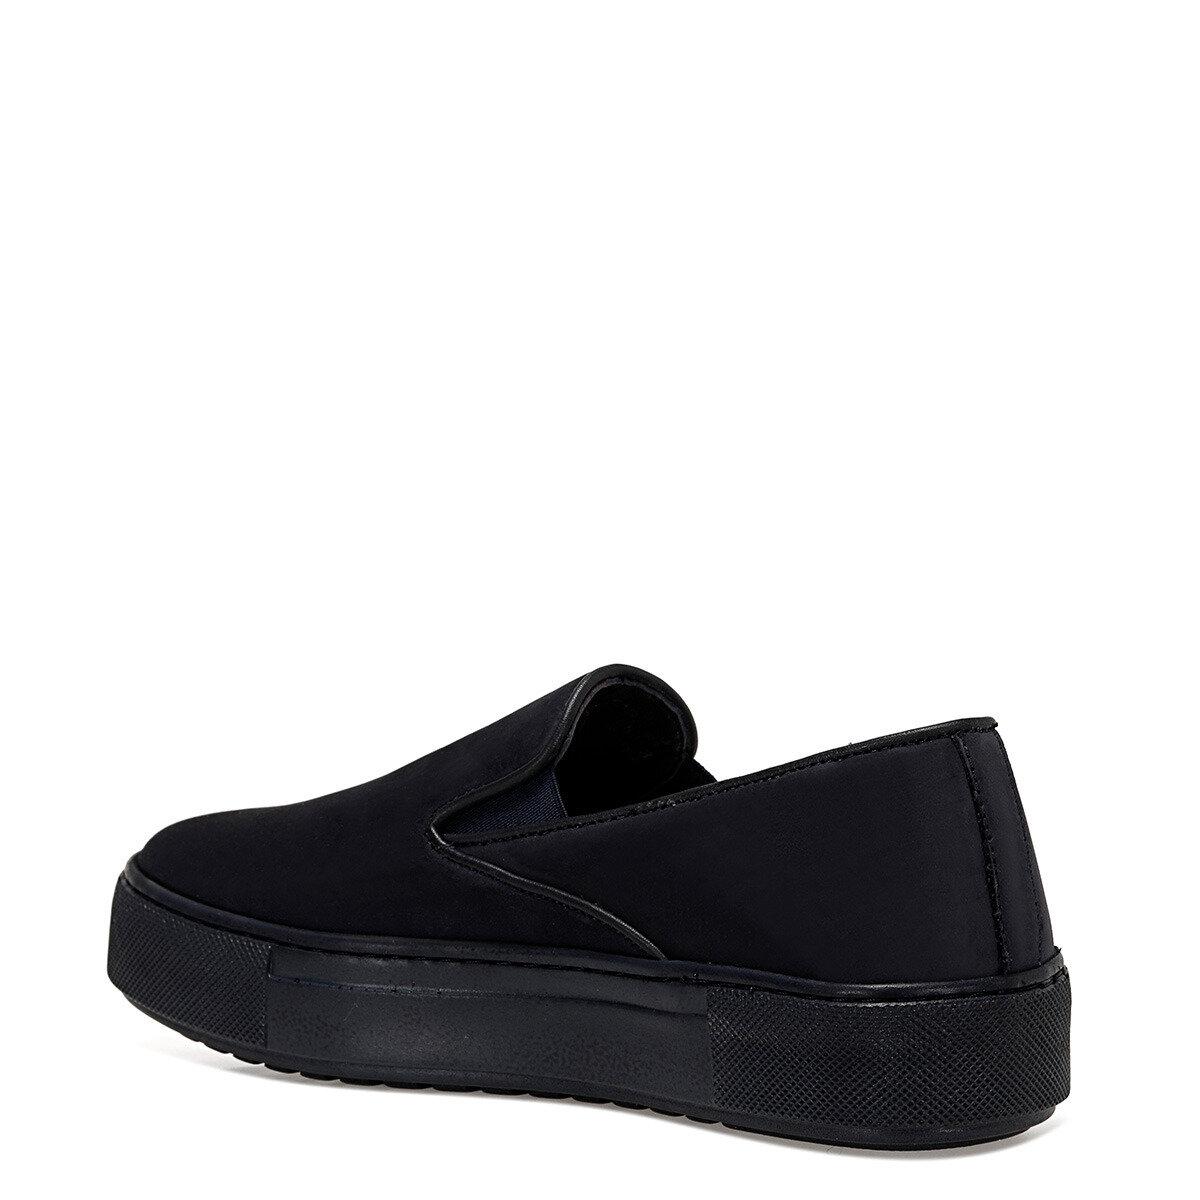 SADEMO Lacivert Kadın Slip On Ayakkabı